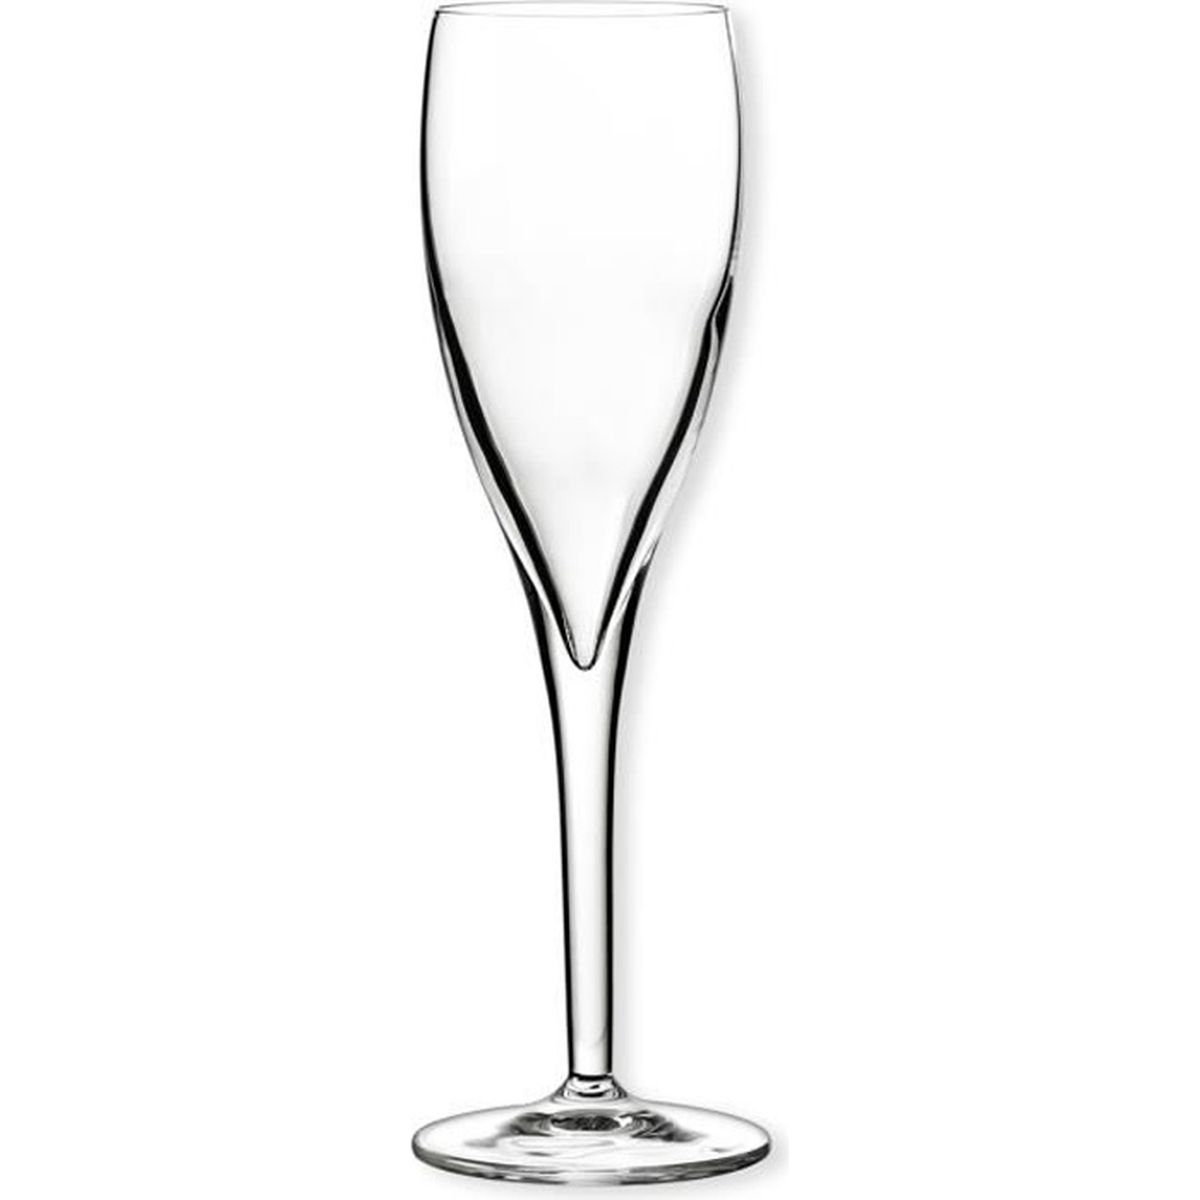 ROYAL WORCESTER KWARX CRYSTAL VERRERIE VAISSELLE ensembles Coffret cadeau verres verre